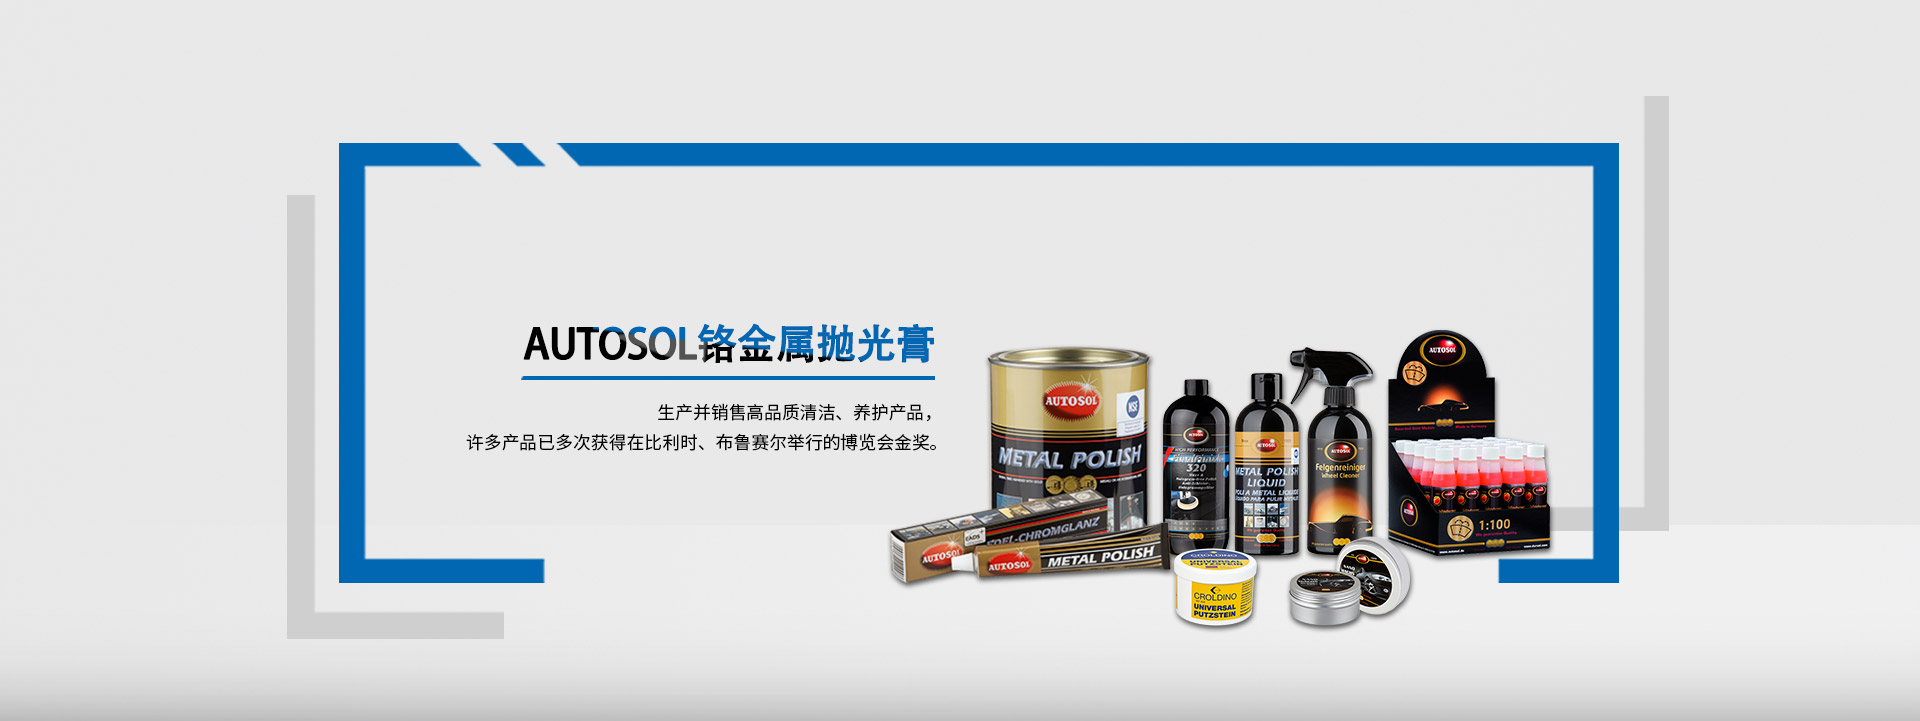 上海鳴華化工科技有限公司